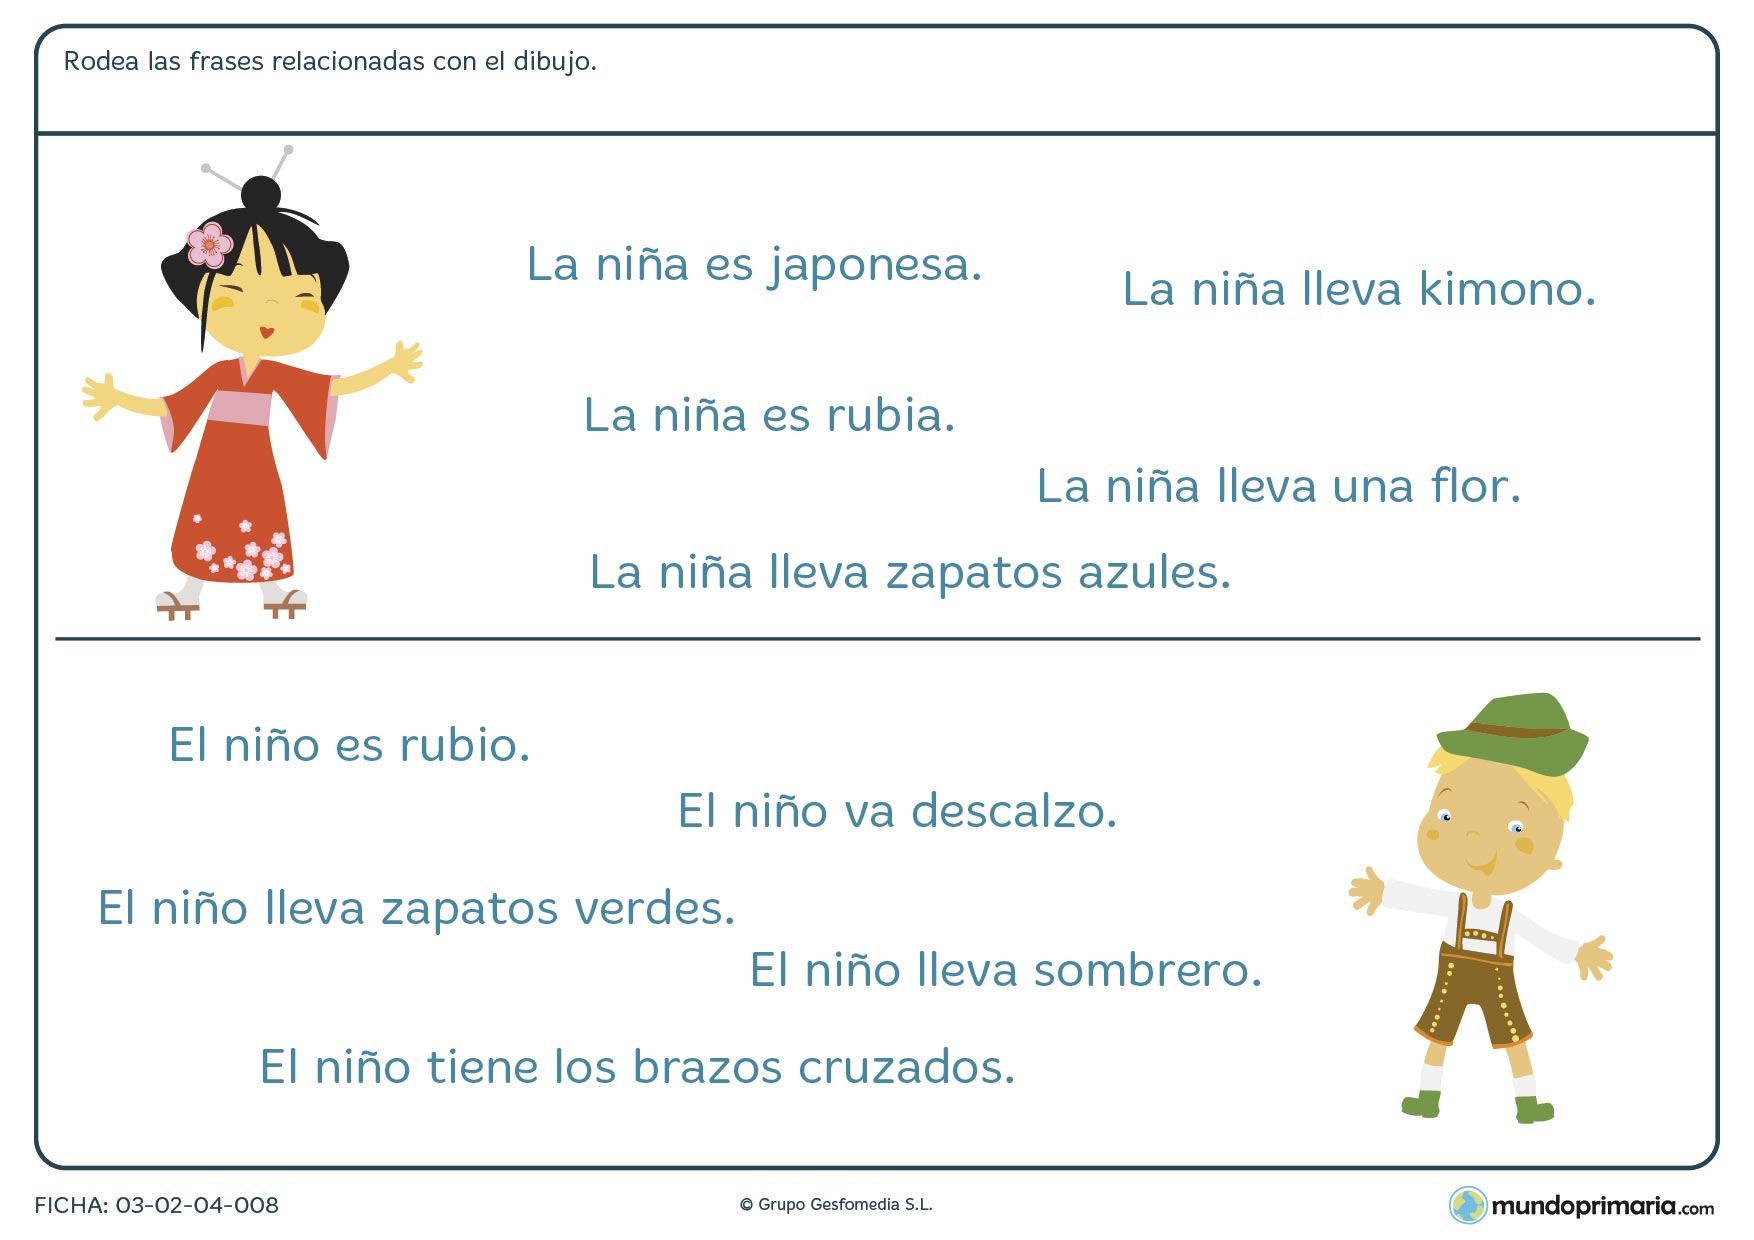 Ficha de relacionar frases con dibujos para niños de primero de primaria en la que debes identificar qué frase explica mejor el dibujo dado.